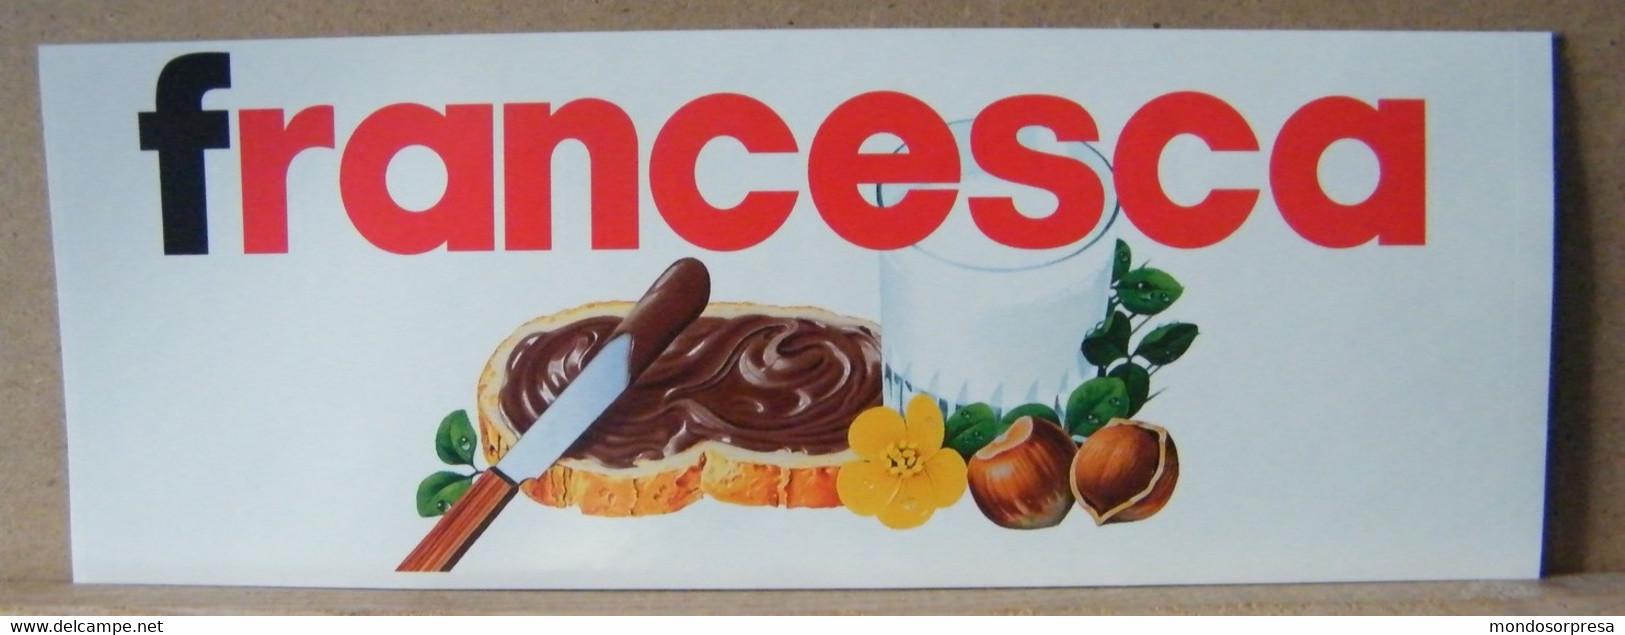 MONDOSORPRESA, ADESIVI NUTELLA NOMI, FRANCESCA - Nutella